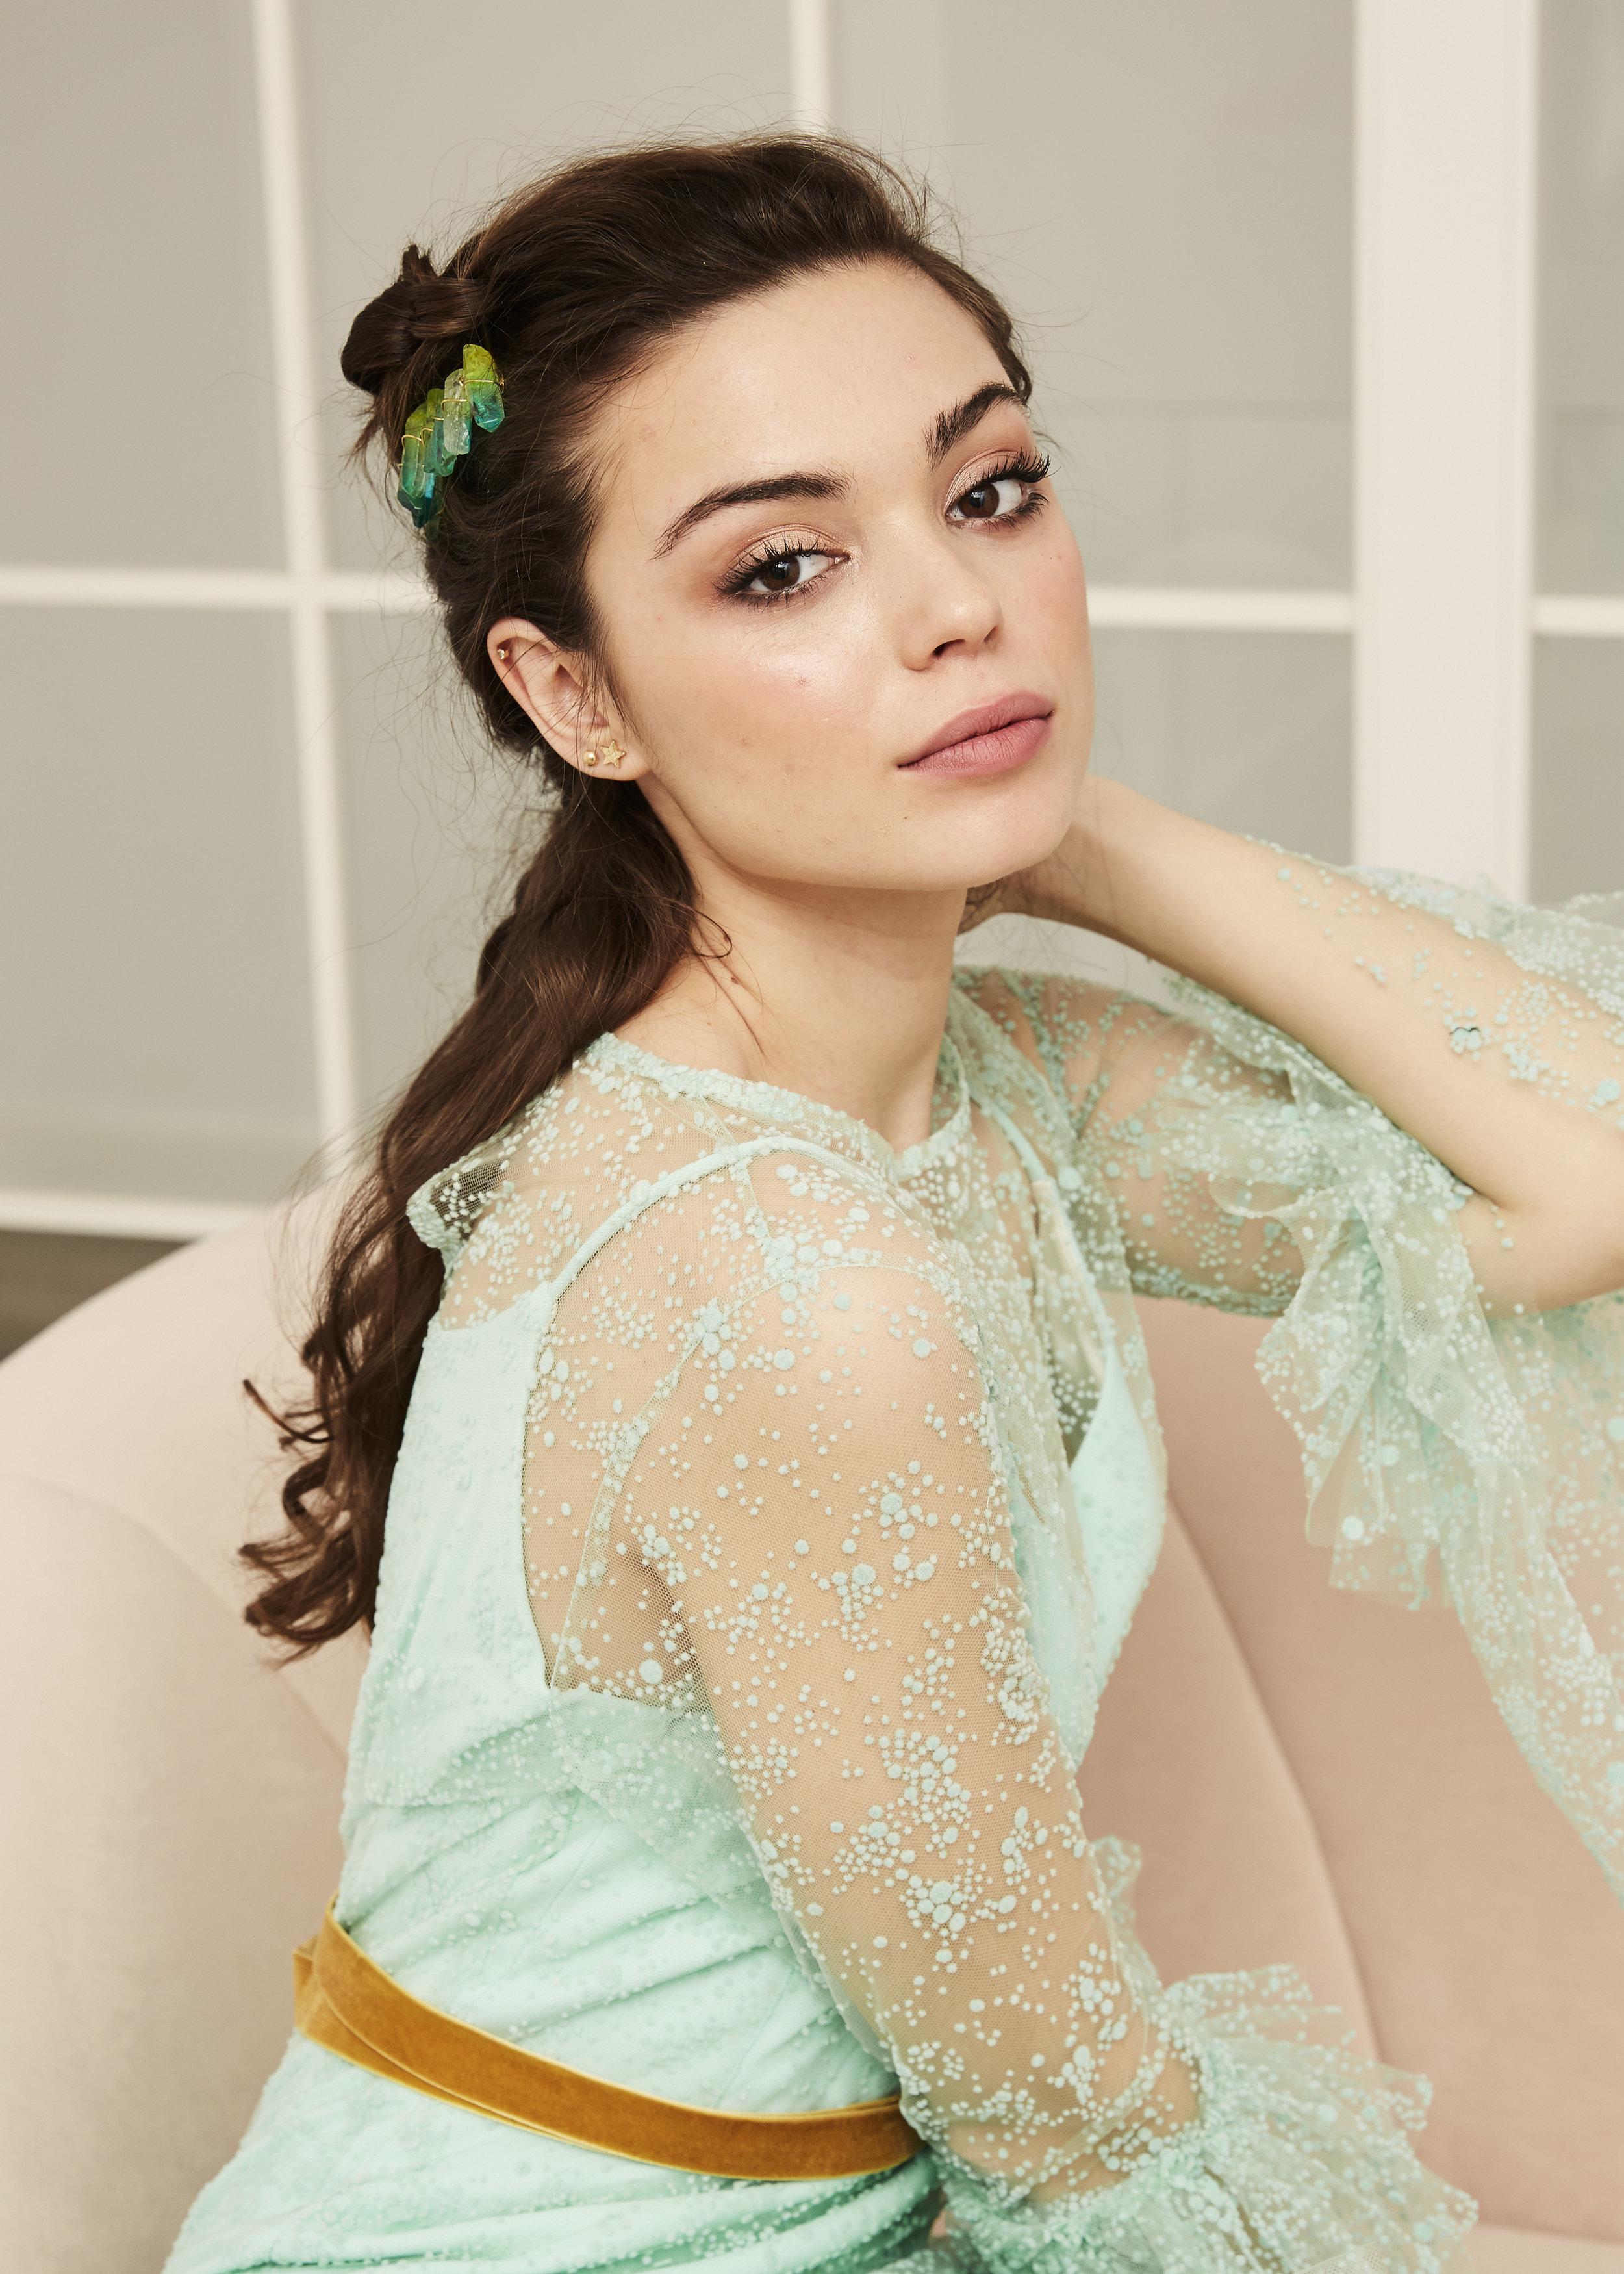 Irene con vestido en plumeti azul aqua ·S a o·  @lauralomasdesign   Pendientes: @acus_complementos  modelo: ✨Gold star✨  Tocado:  @jimenarilova  ♥️  Foto: @maritutunni  Maquillaje: @tespin.makeup